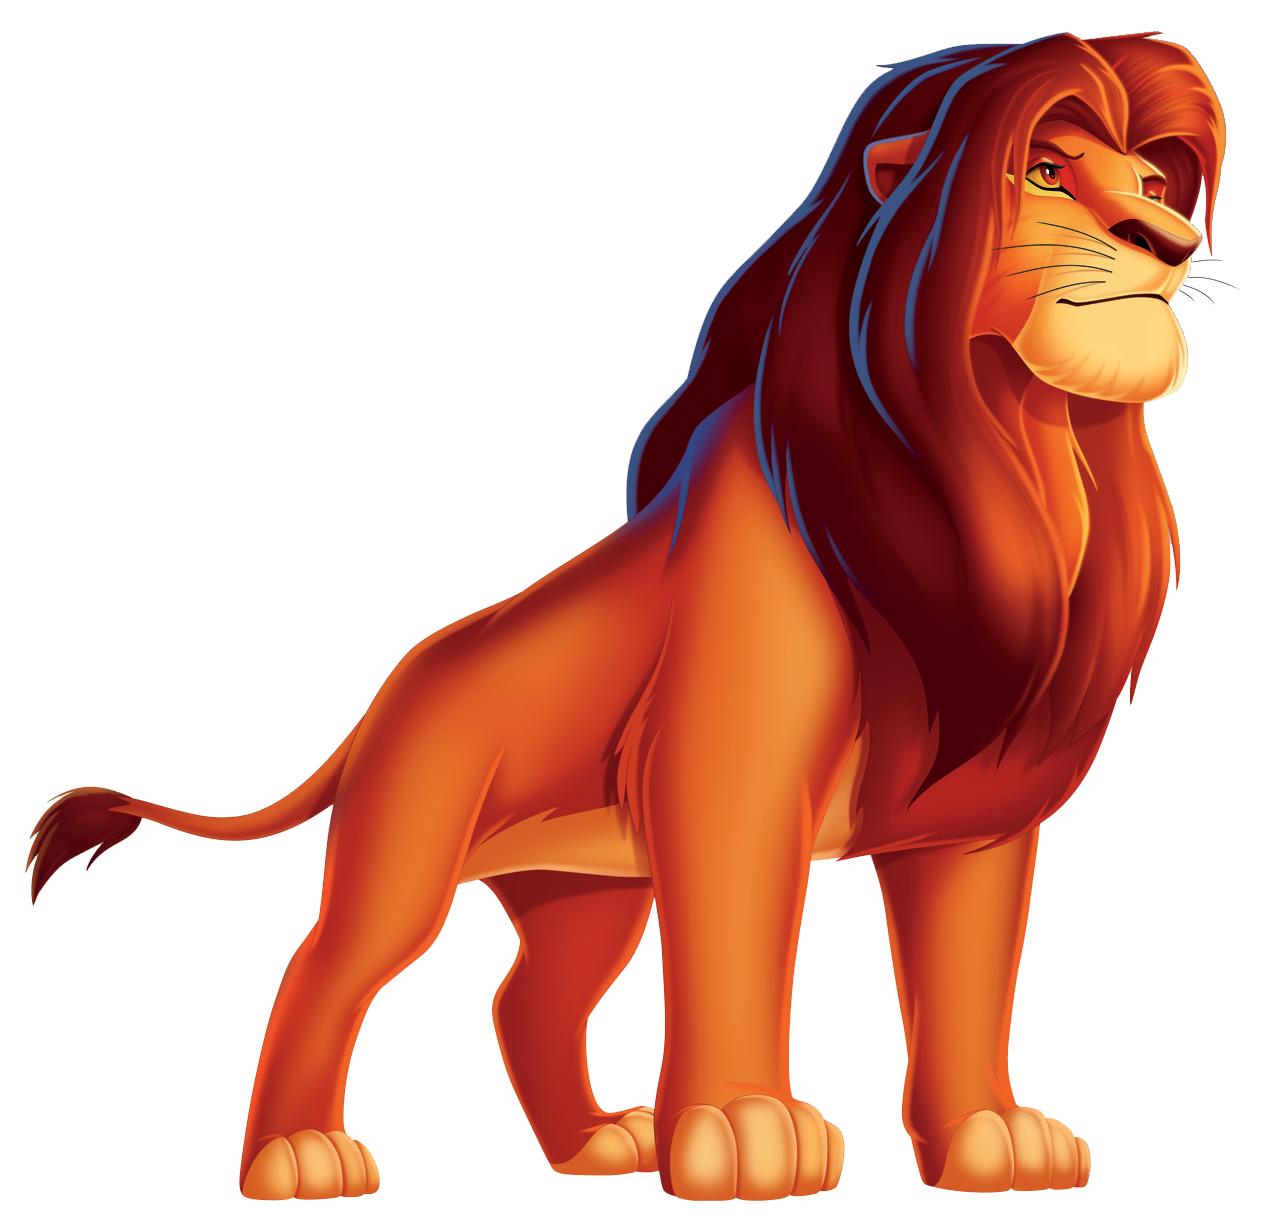 король лев картинки лев